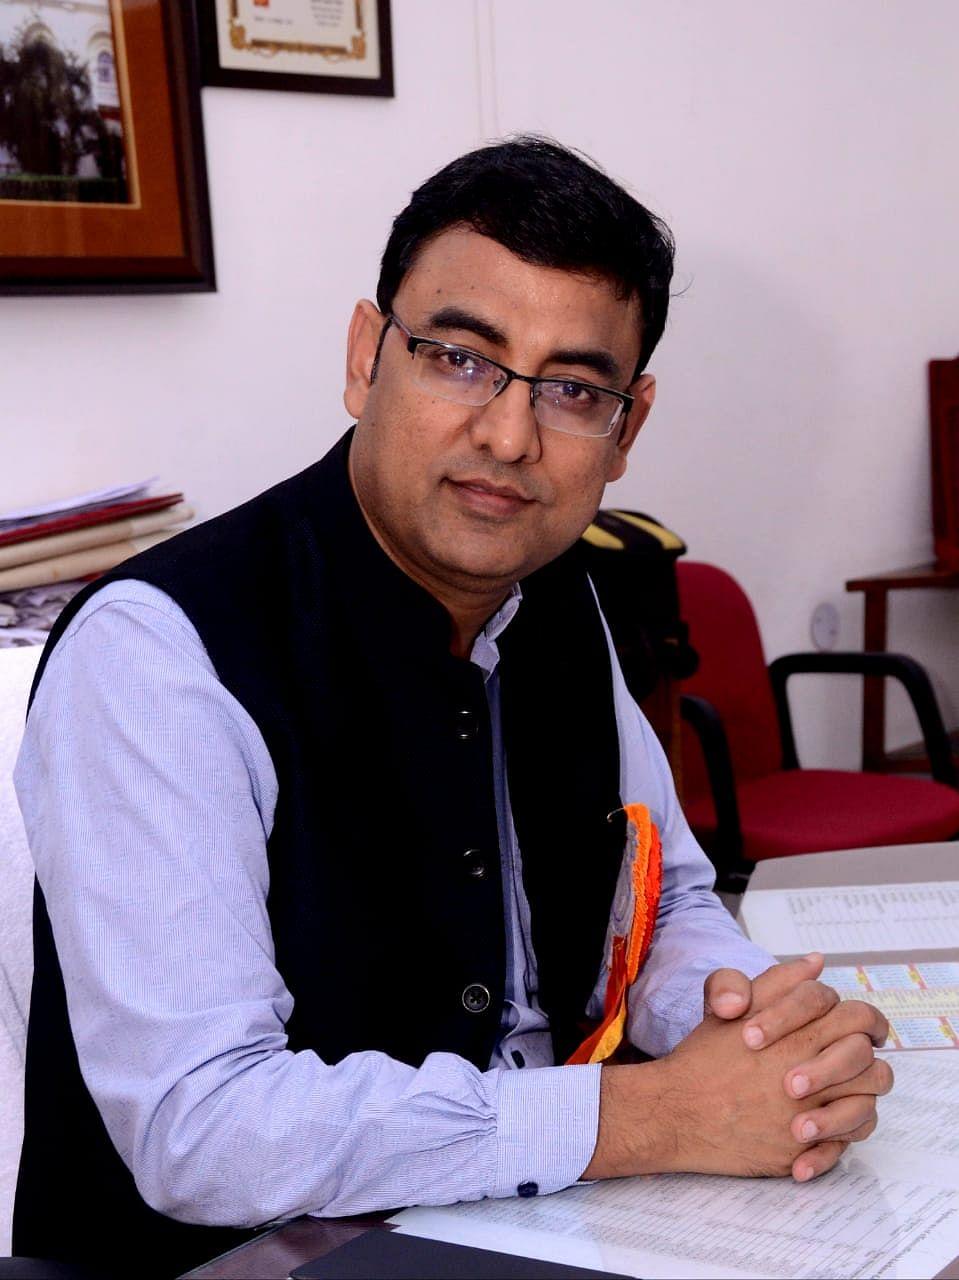 कृष्ण कुमार यादव बने वाराणसी परिक्षेत्र के नए पोस्टमास्टर जनरल